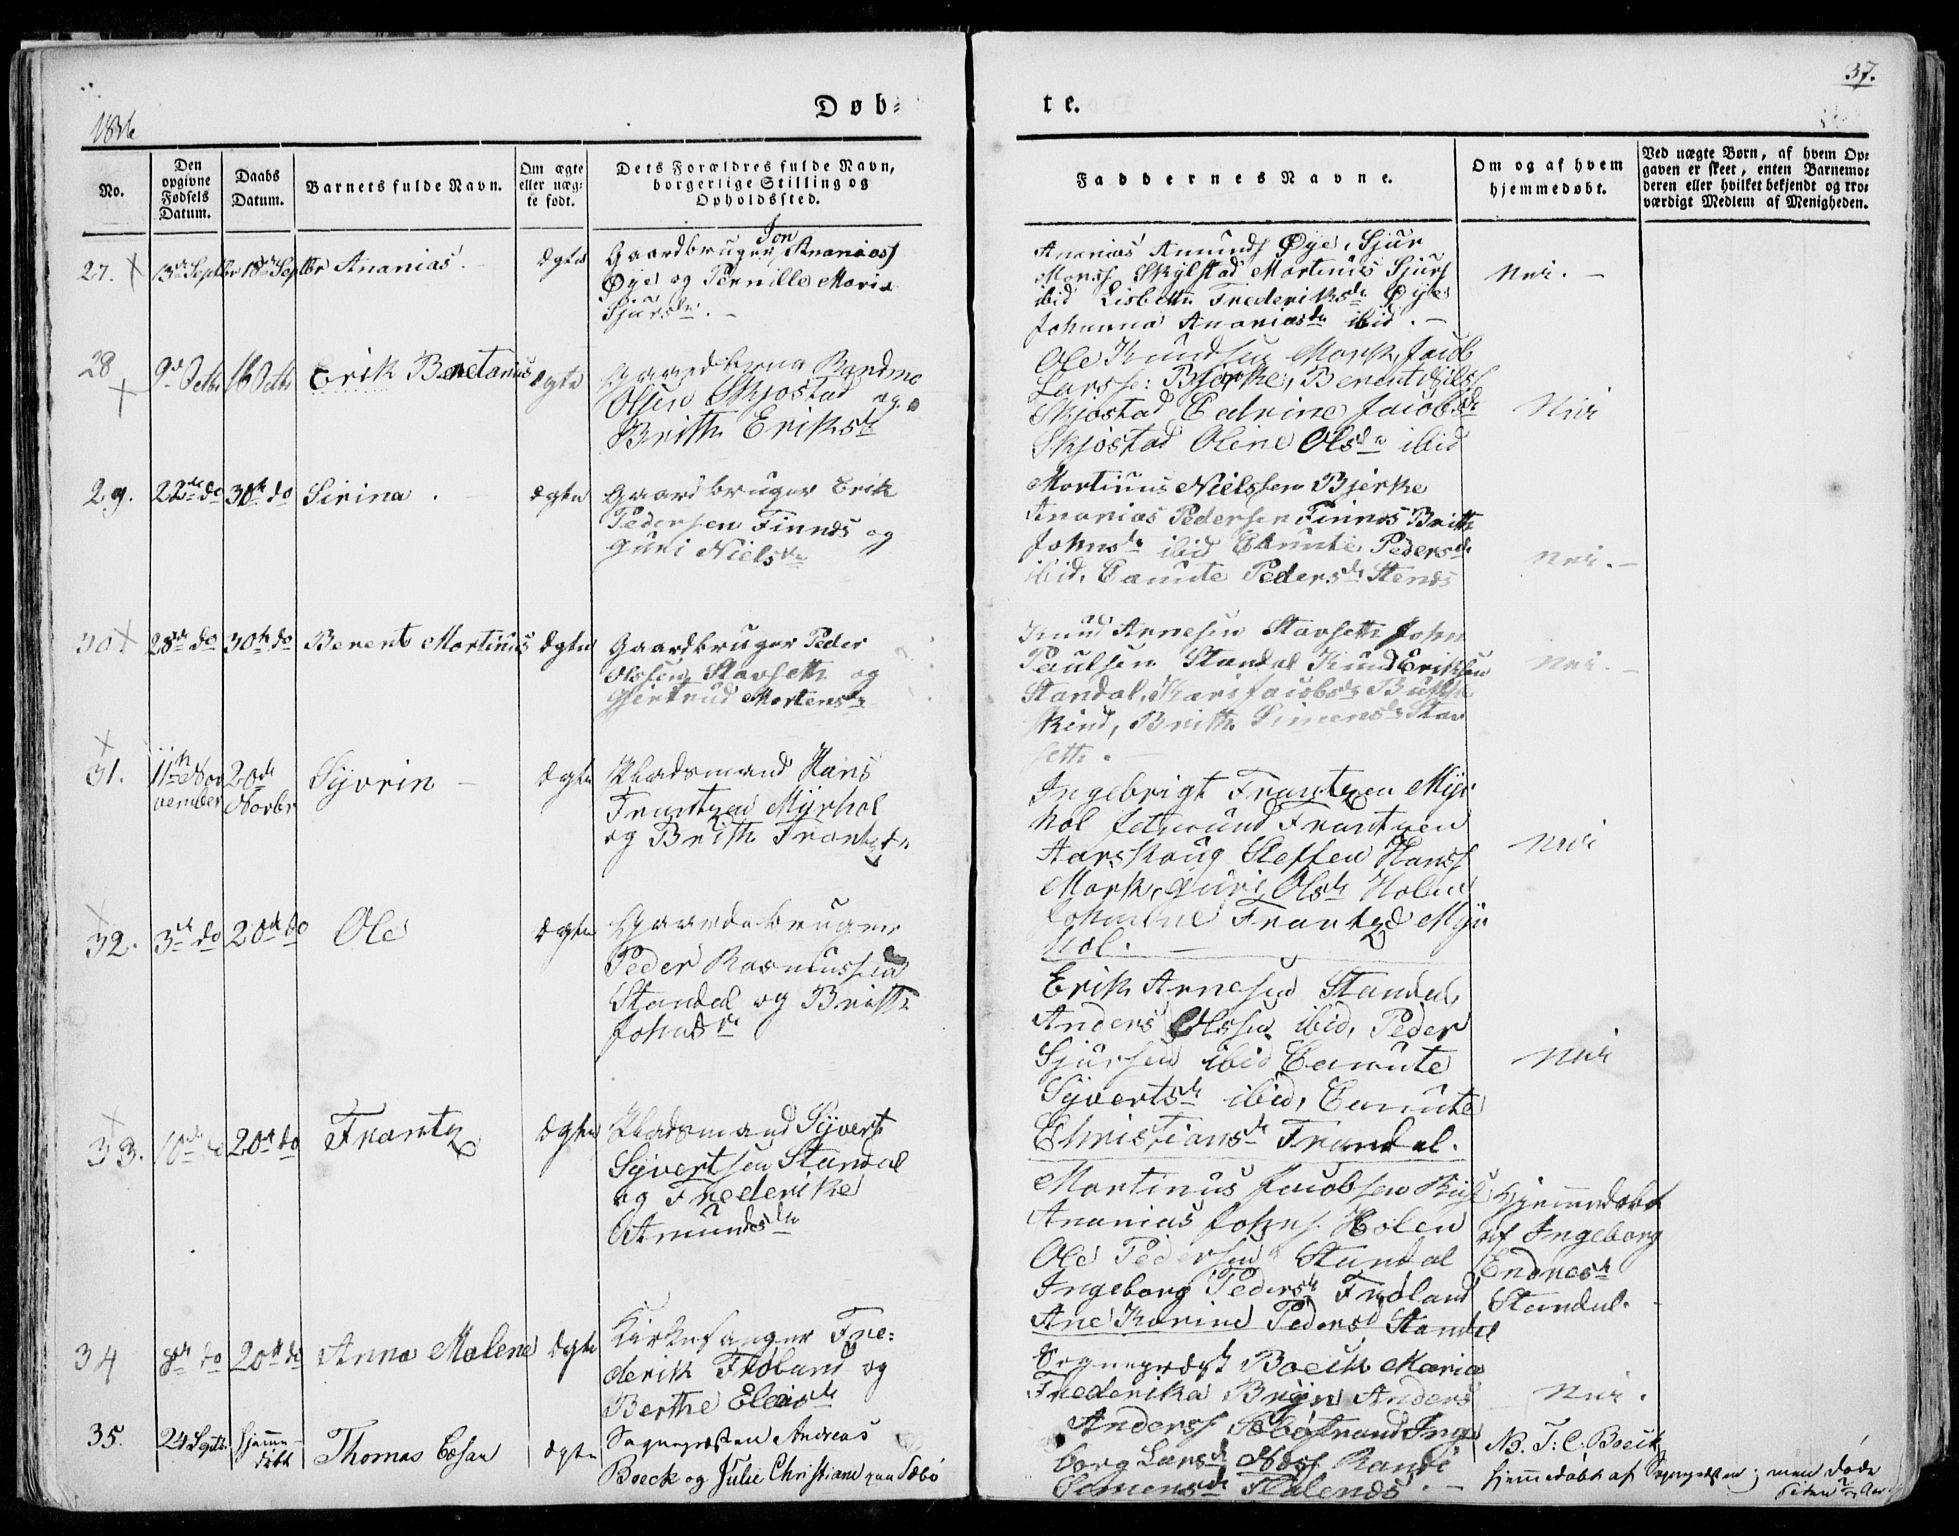 SAT, Ministerialprotokoller, klokkerbøker og fødselsregistre - Møre og Romsdal, 515/L0208: Ministerialbok nr. 515A04, 1830-1846, s. 37